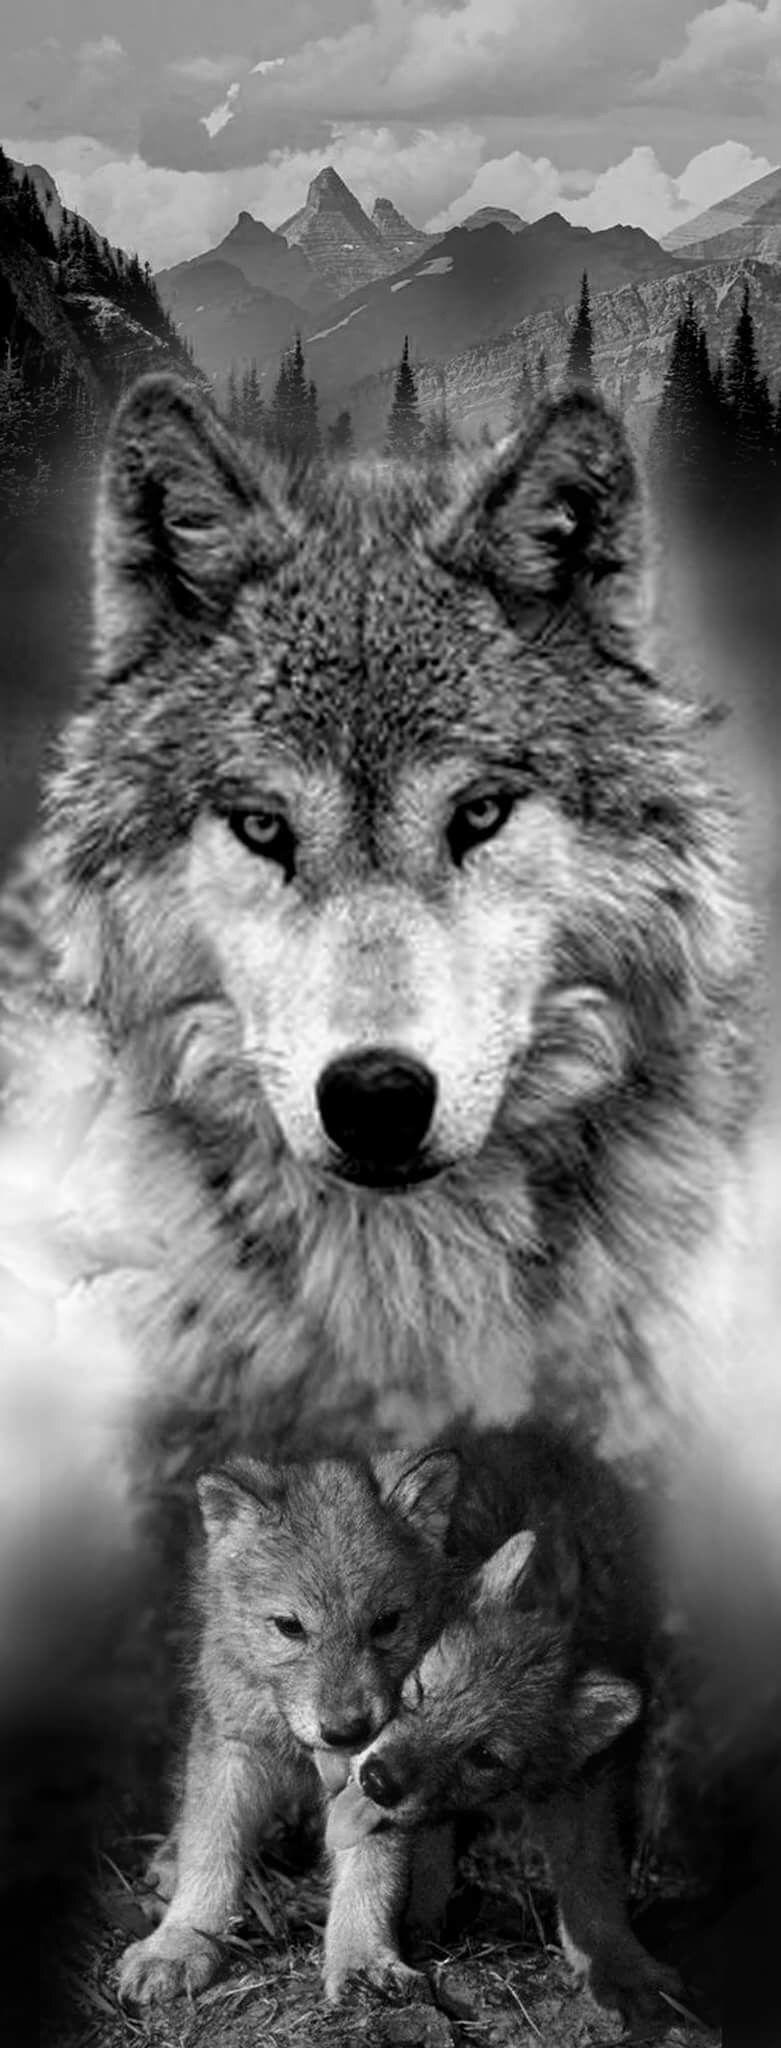 Значение татуировки волк воющий на луну, волк с оскалом и волчица | 2048x781